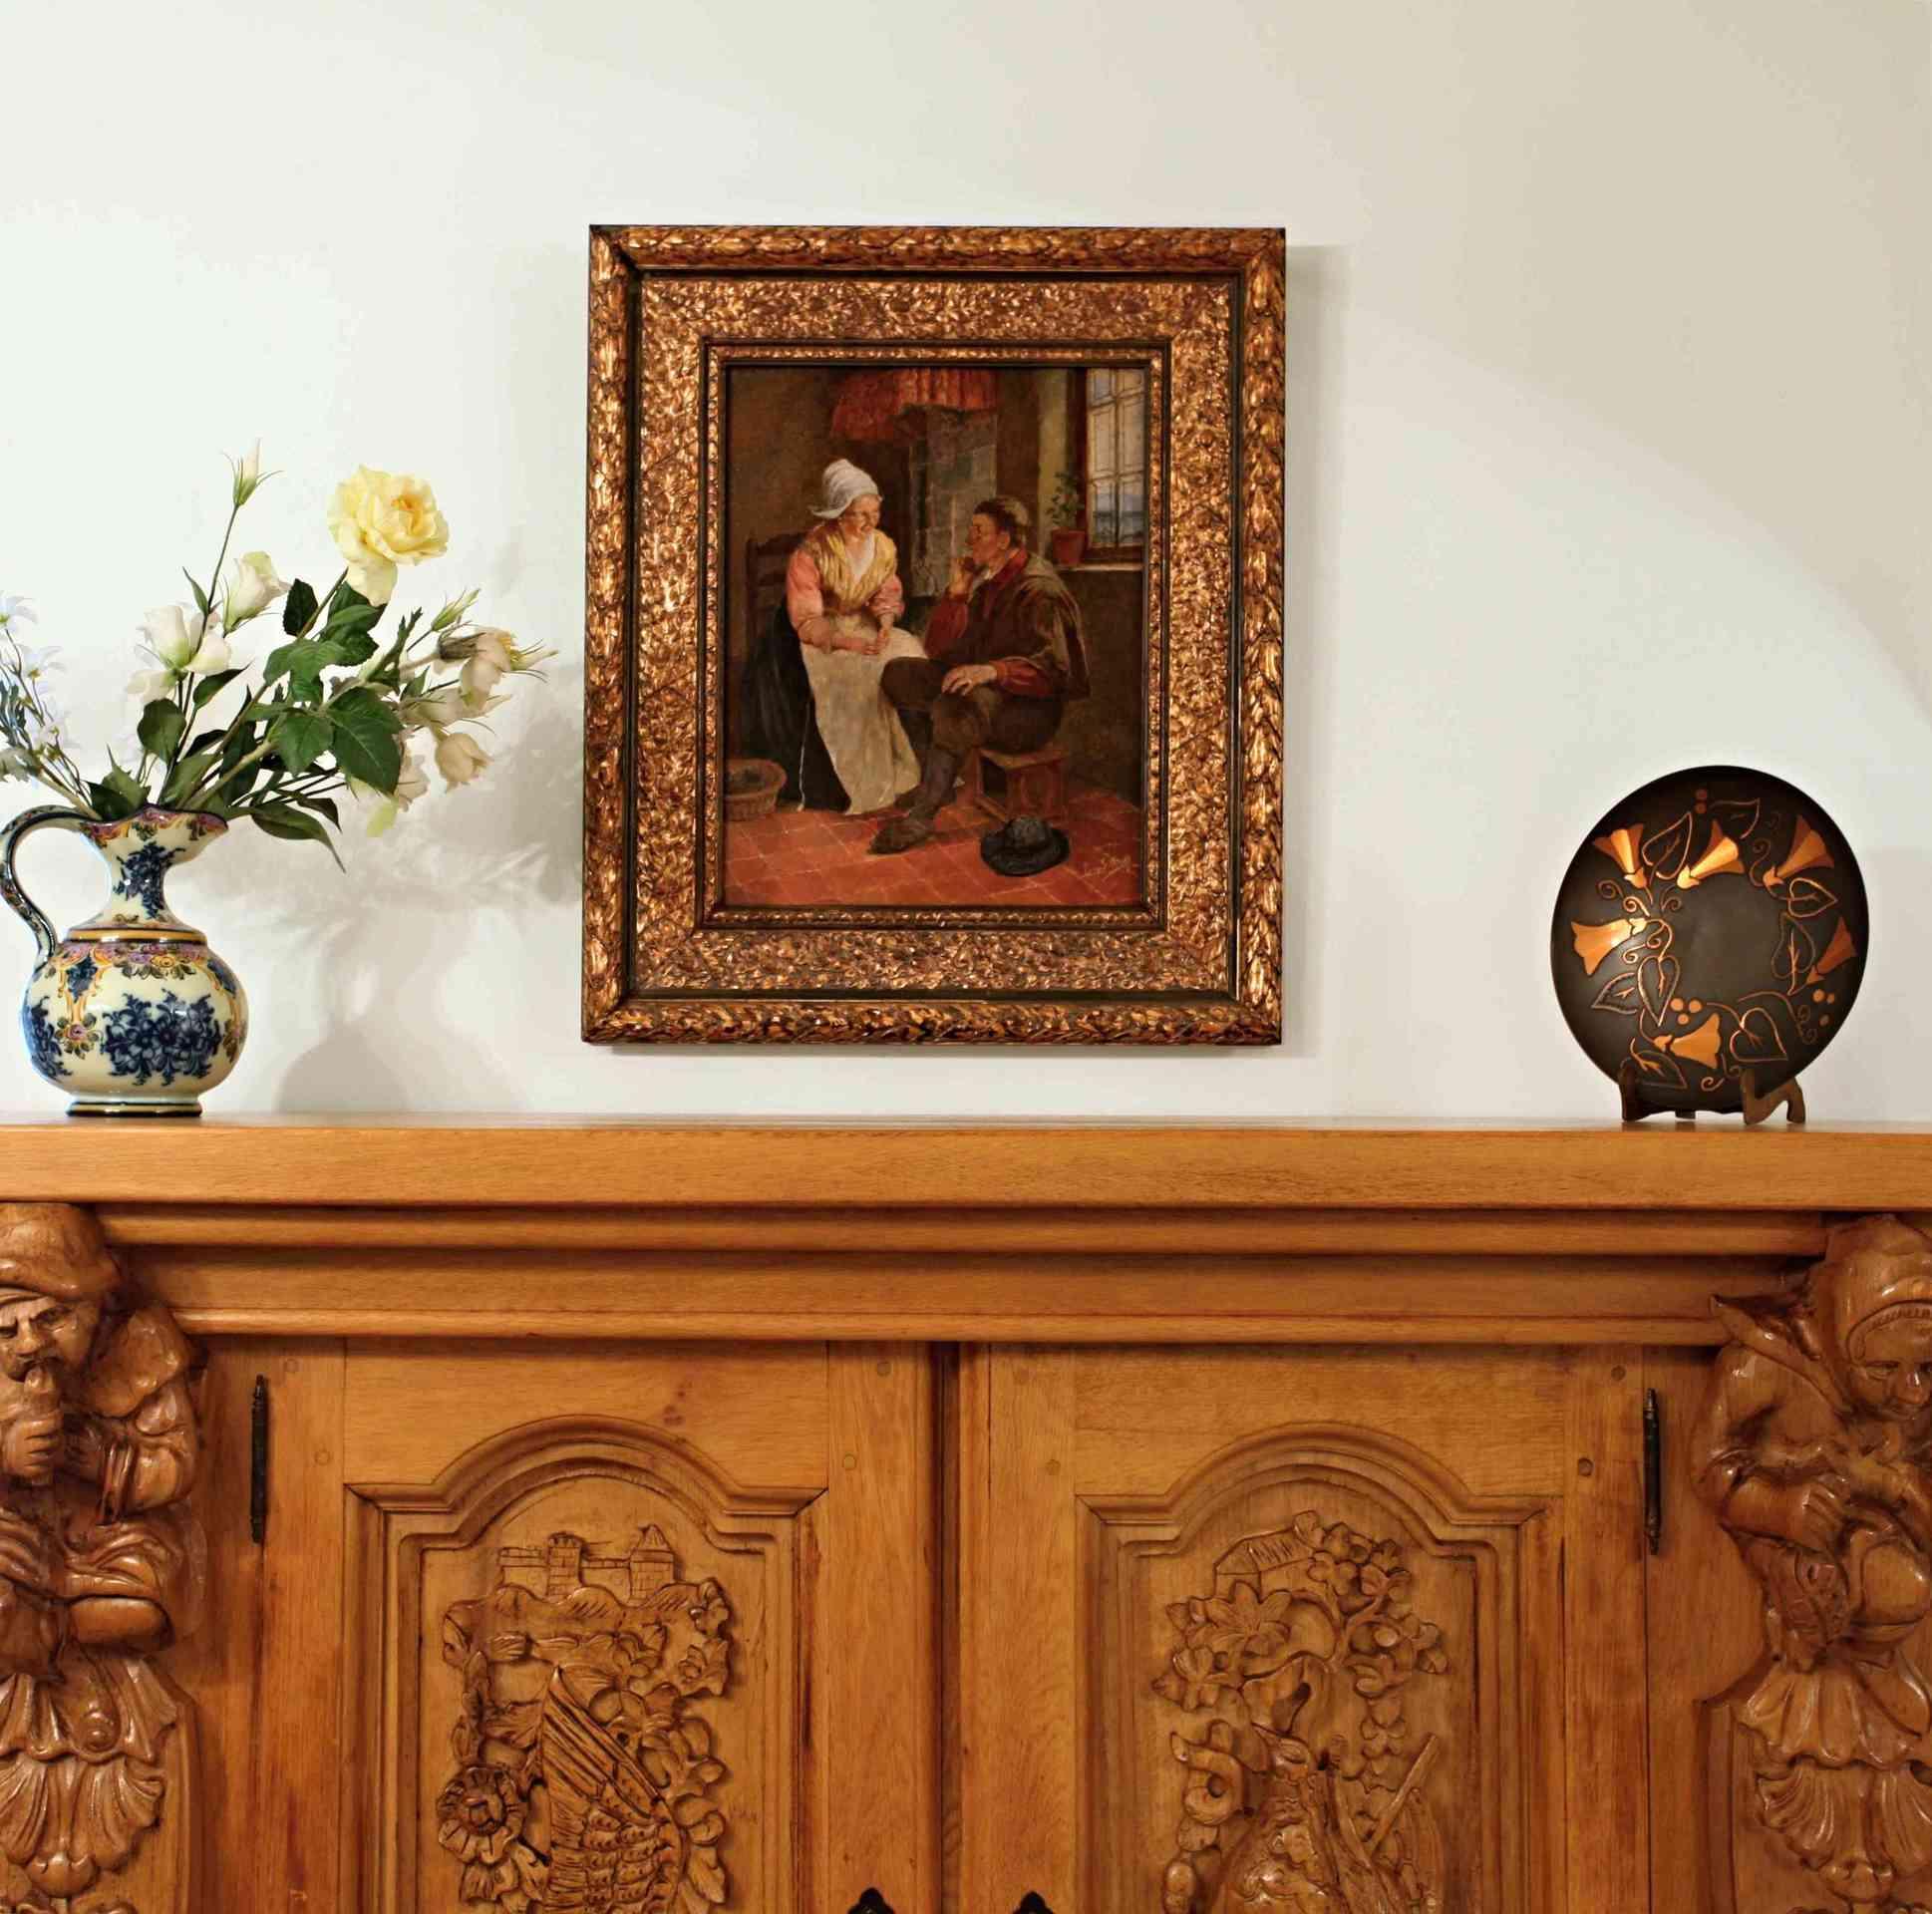 Holländische Malerei Im Stil Der Renaissance. Öl Auf Holz